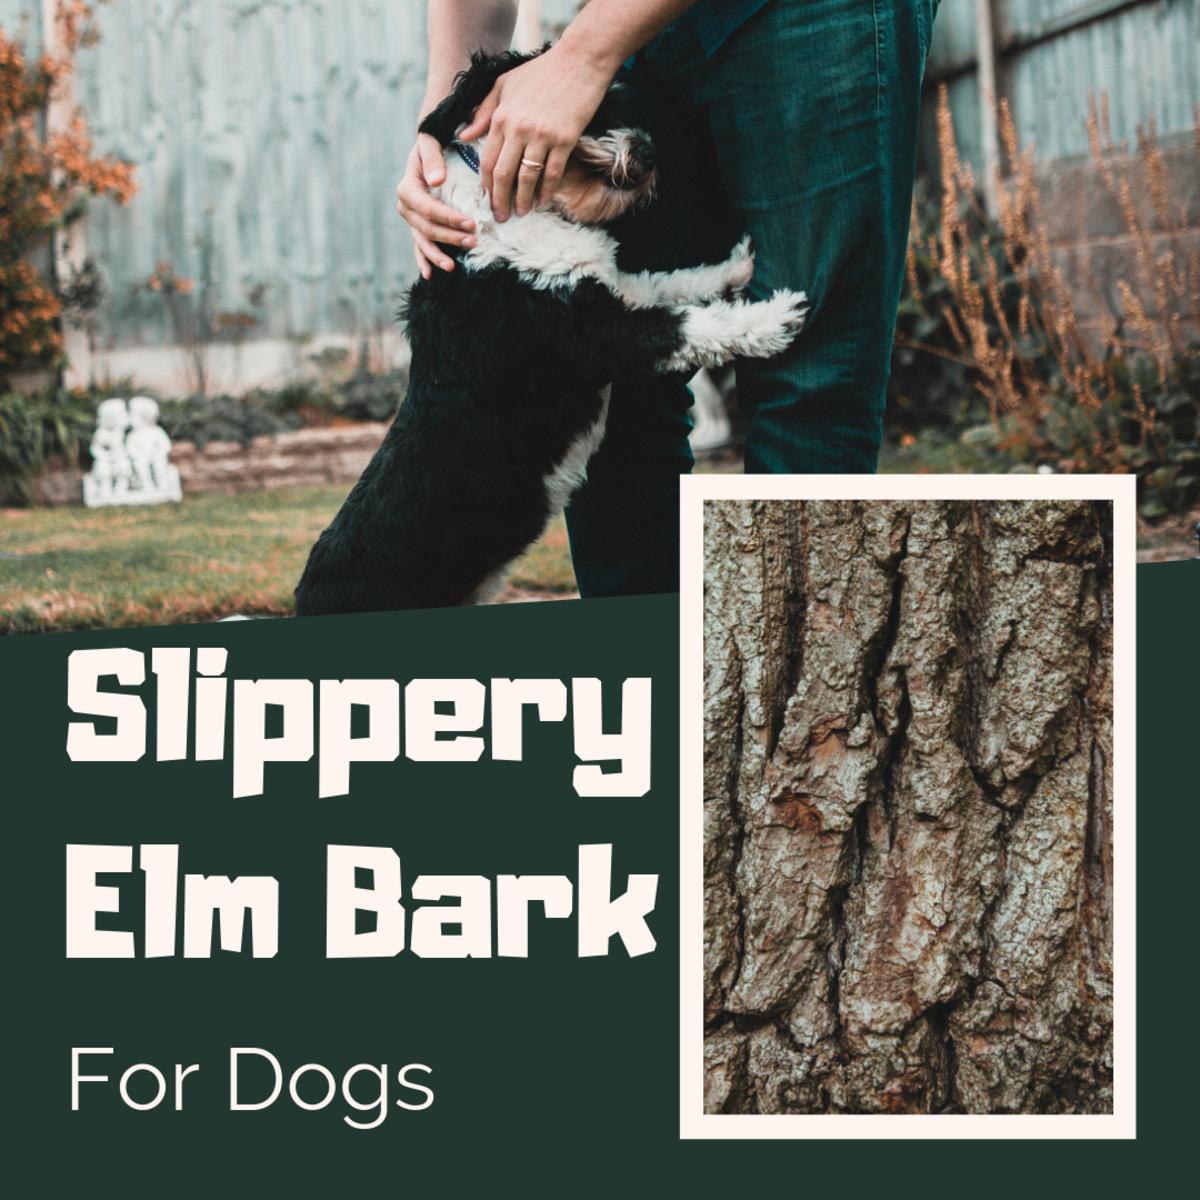 Slippery Elm Bark for Dogs